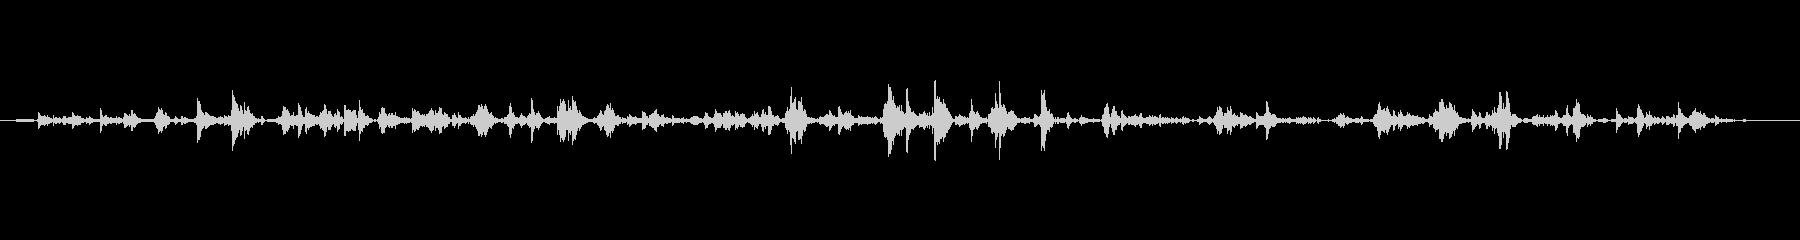 ジングルベル、大型、低速、音楽FX...の未再生の波形